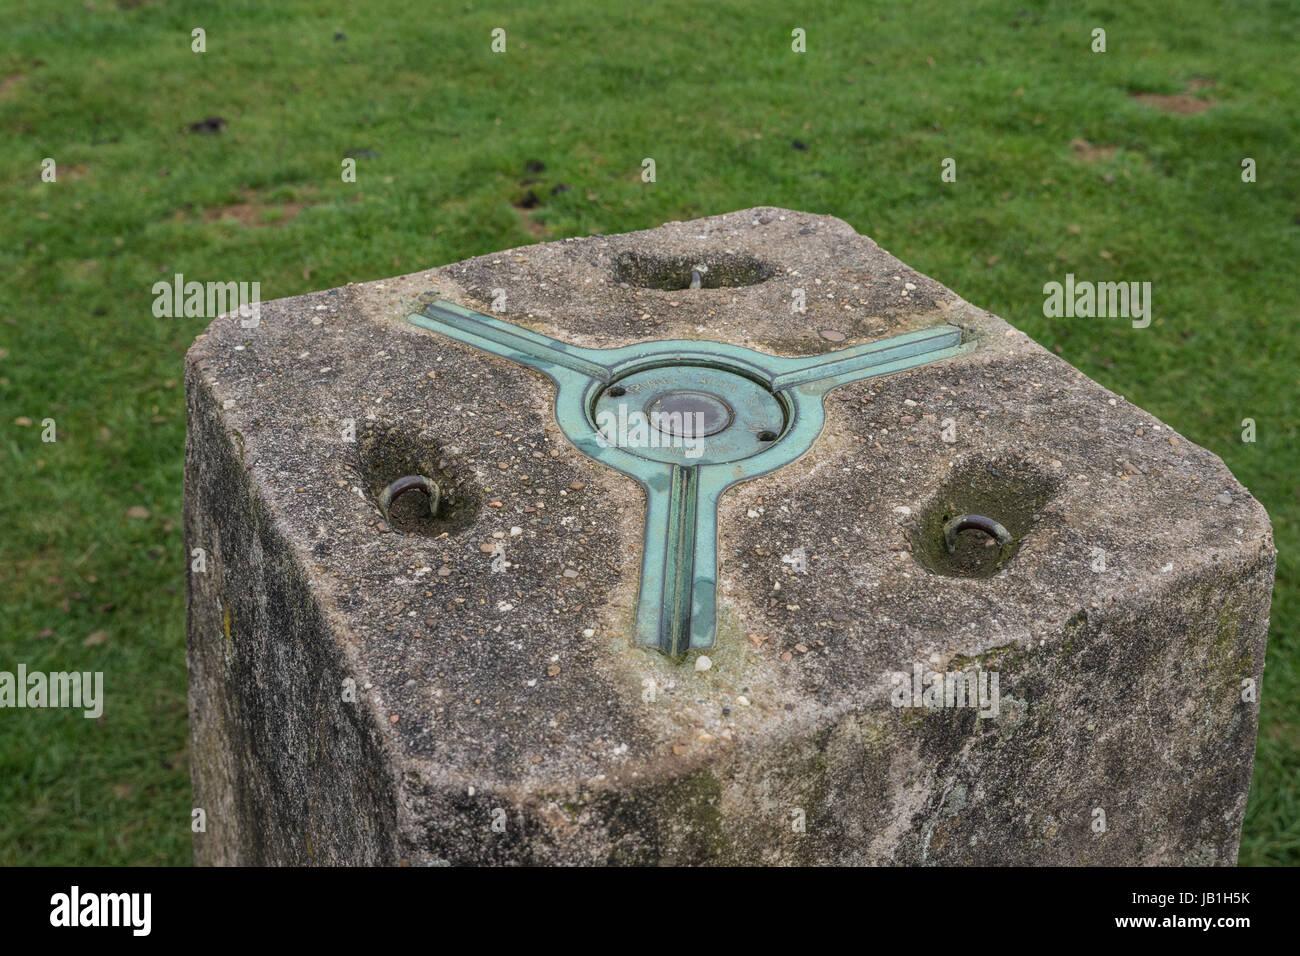 La parte superior de un punto de triangulación, trig point o trig pilar en el Reino Unido y utilizado como Imagen De Stock